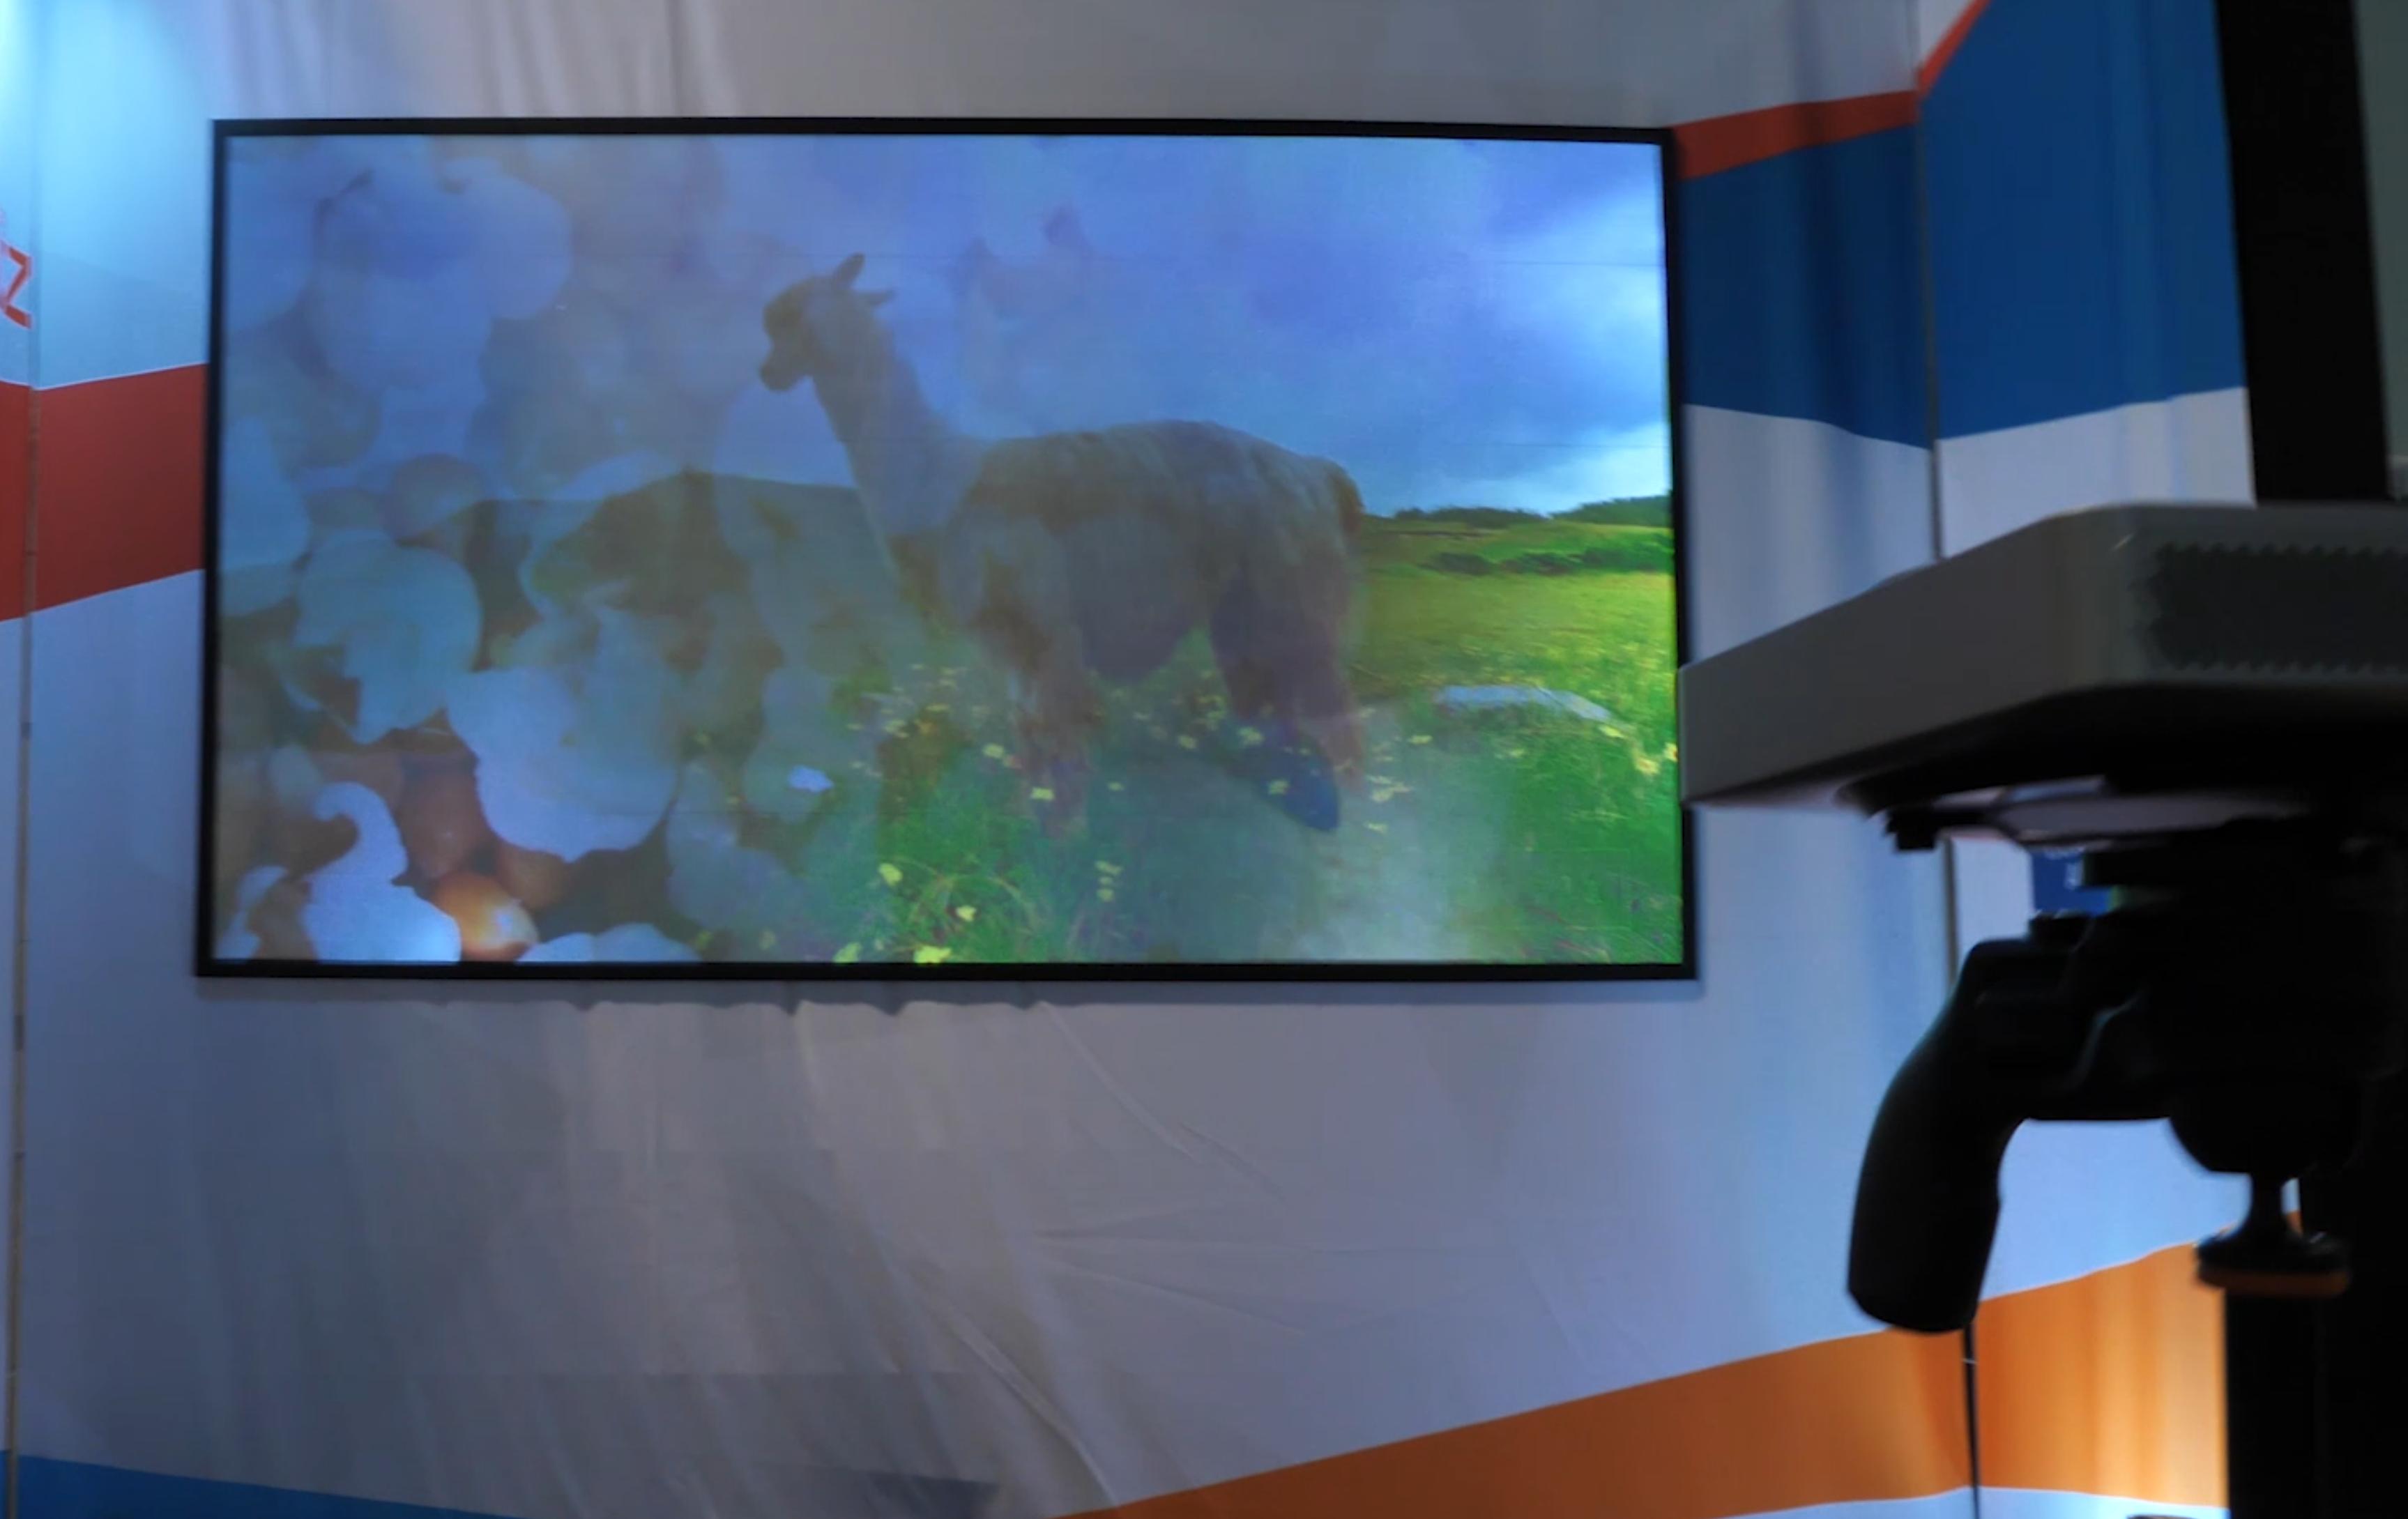 Mirraviz Multiview: Splitscreen-Games spielen ohne die Möglichkeit, zu schummeln - Mirraviz Multiview-Leinwand (Bild: Martin Wolf/Golem.de)